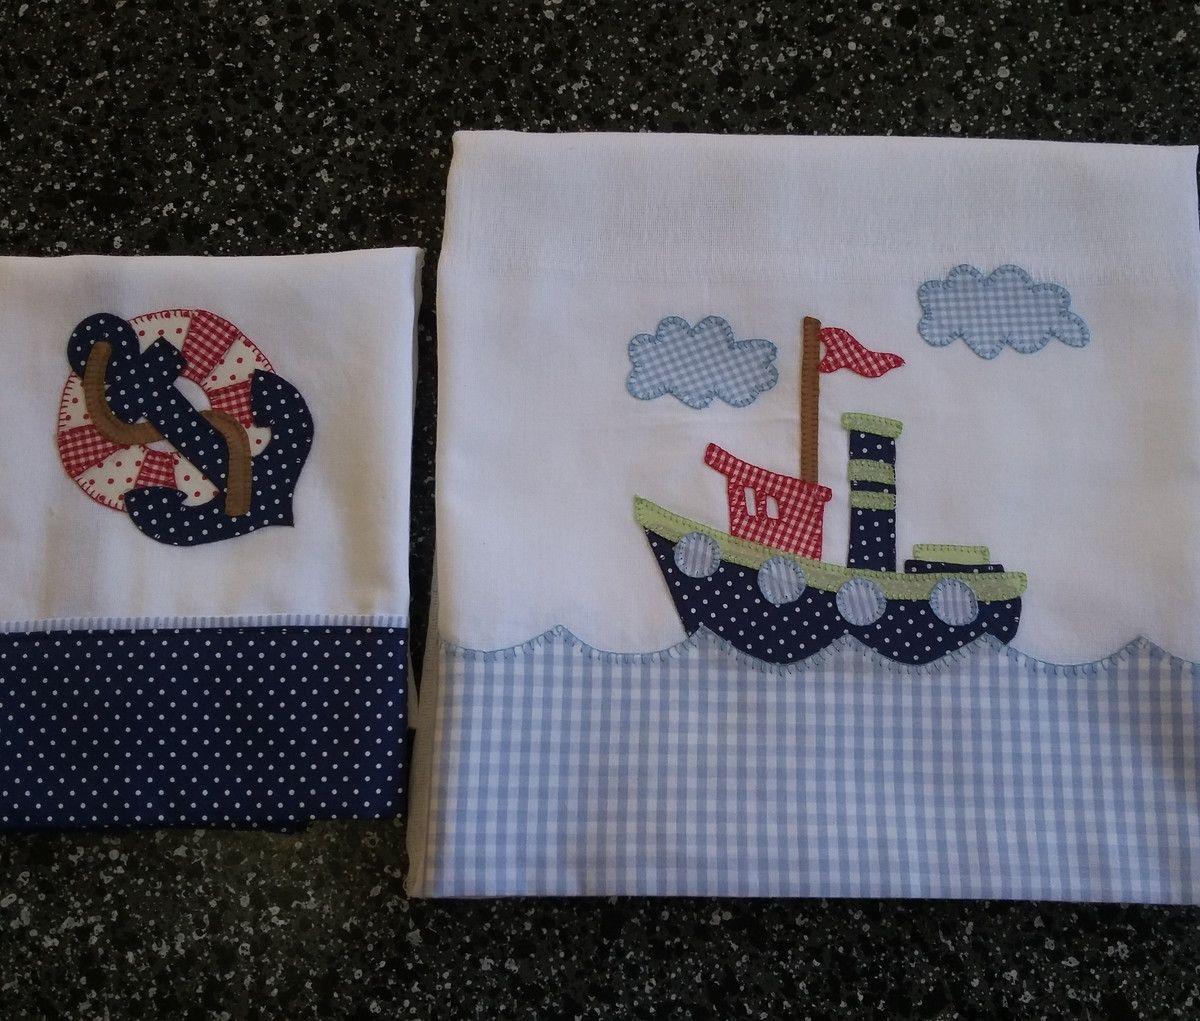 kit couverture bébé patchwork Fralda bordada em patchwork | Couture pour bébé, Couverture bébé  kit couverture bébé patchwork